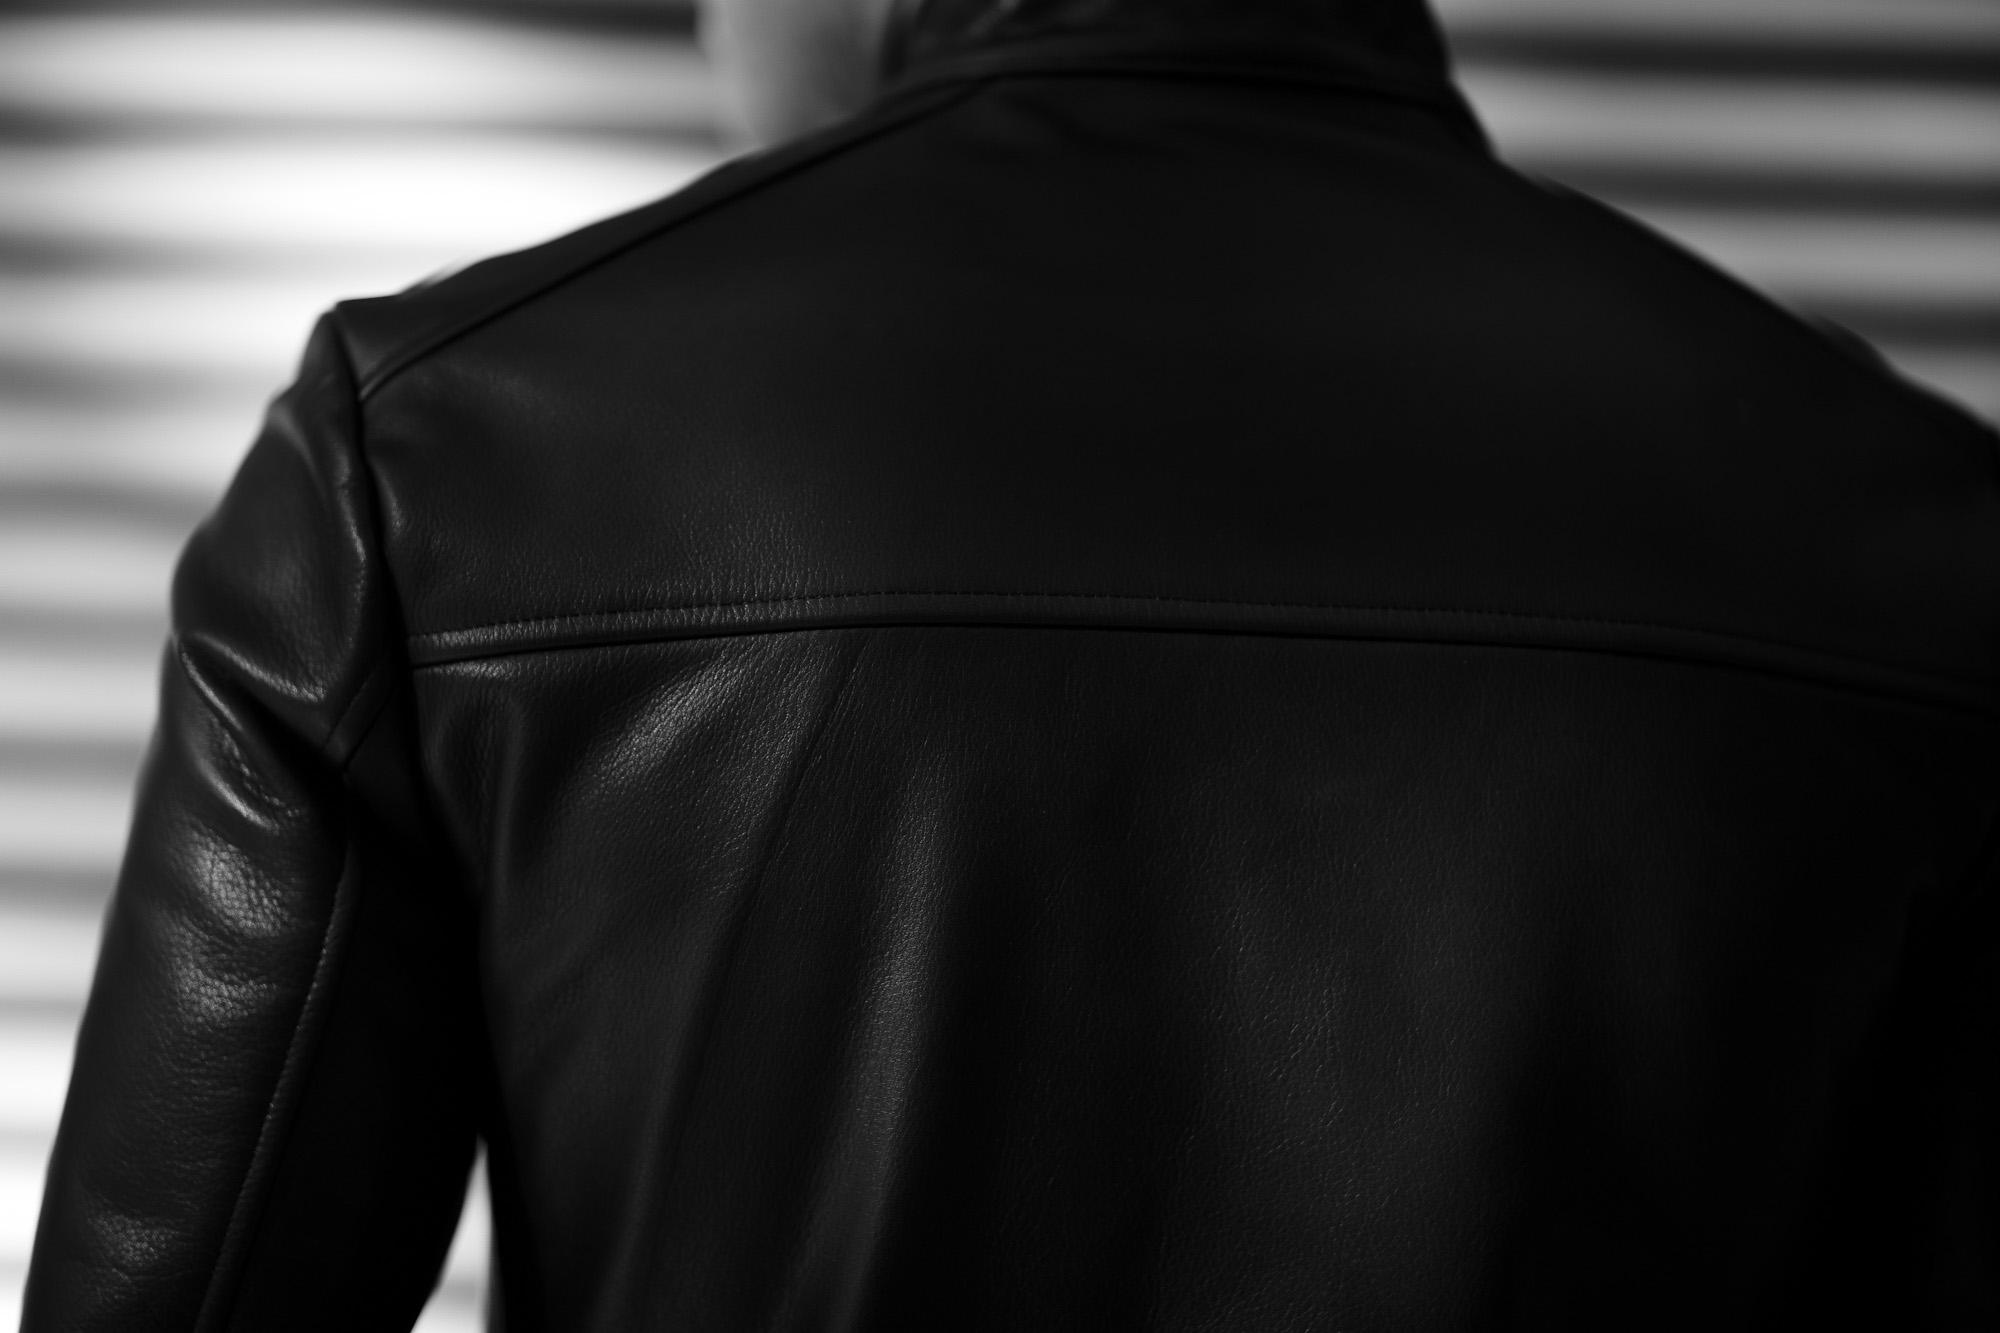 FIXER(フィクサー) F1(エフワン) DOUBLE RIDERS Cow Leather ダブルライダース ジャケット BLACK(ブラック) 【ご予約開始】【2019.11.22(Fri)~2019.11.30(Sat)】 愛知 名古屋 altoediritto アルトエデリット レザージャケット